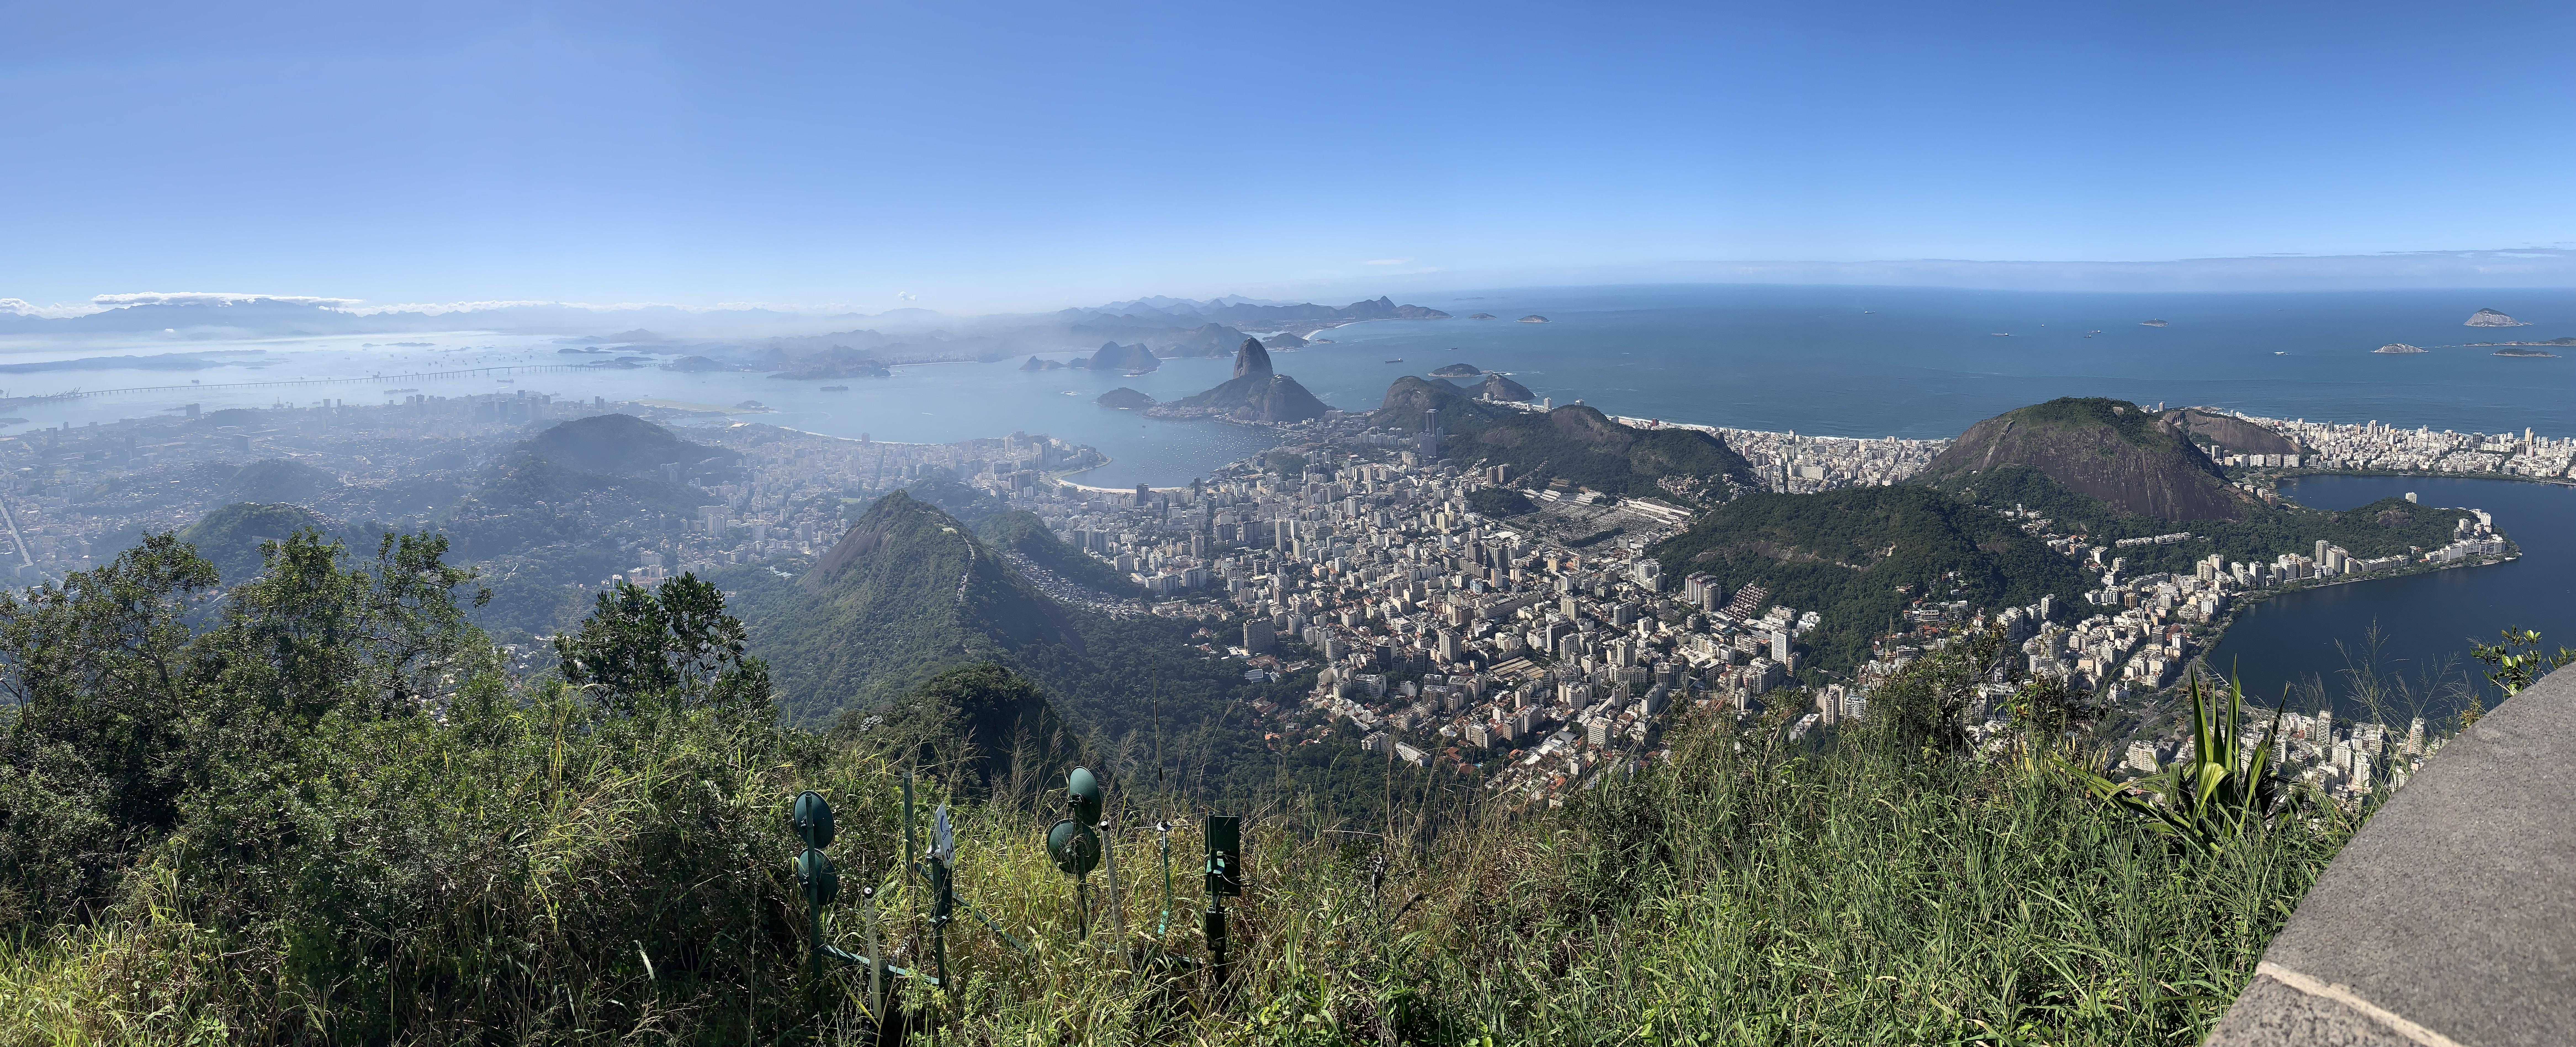 Brazil4-9